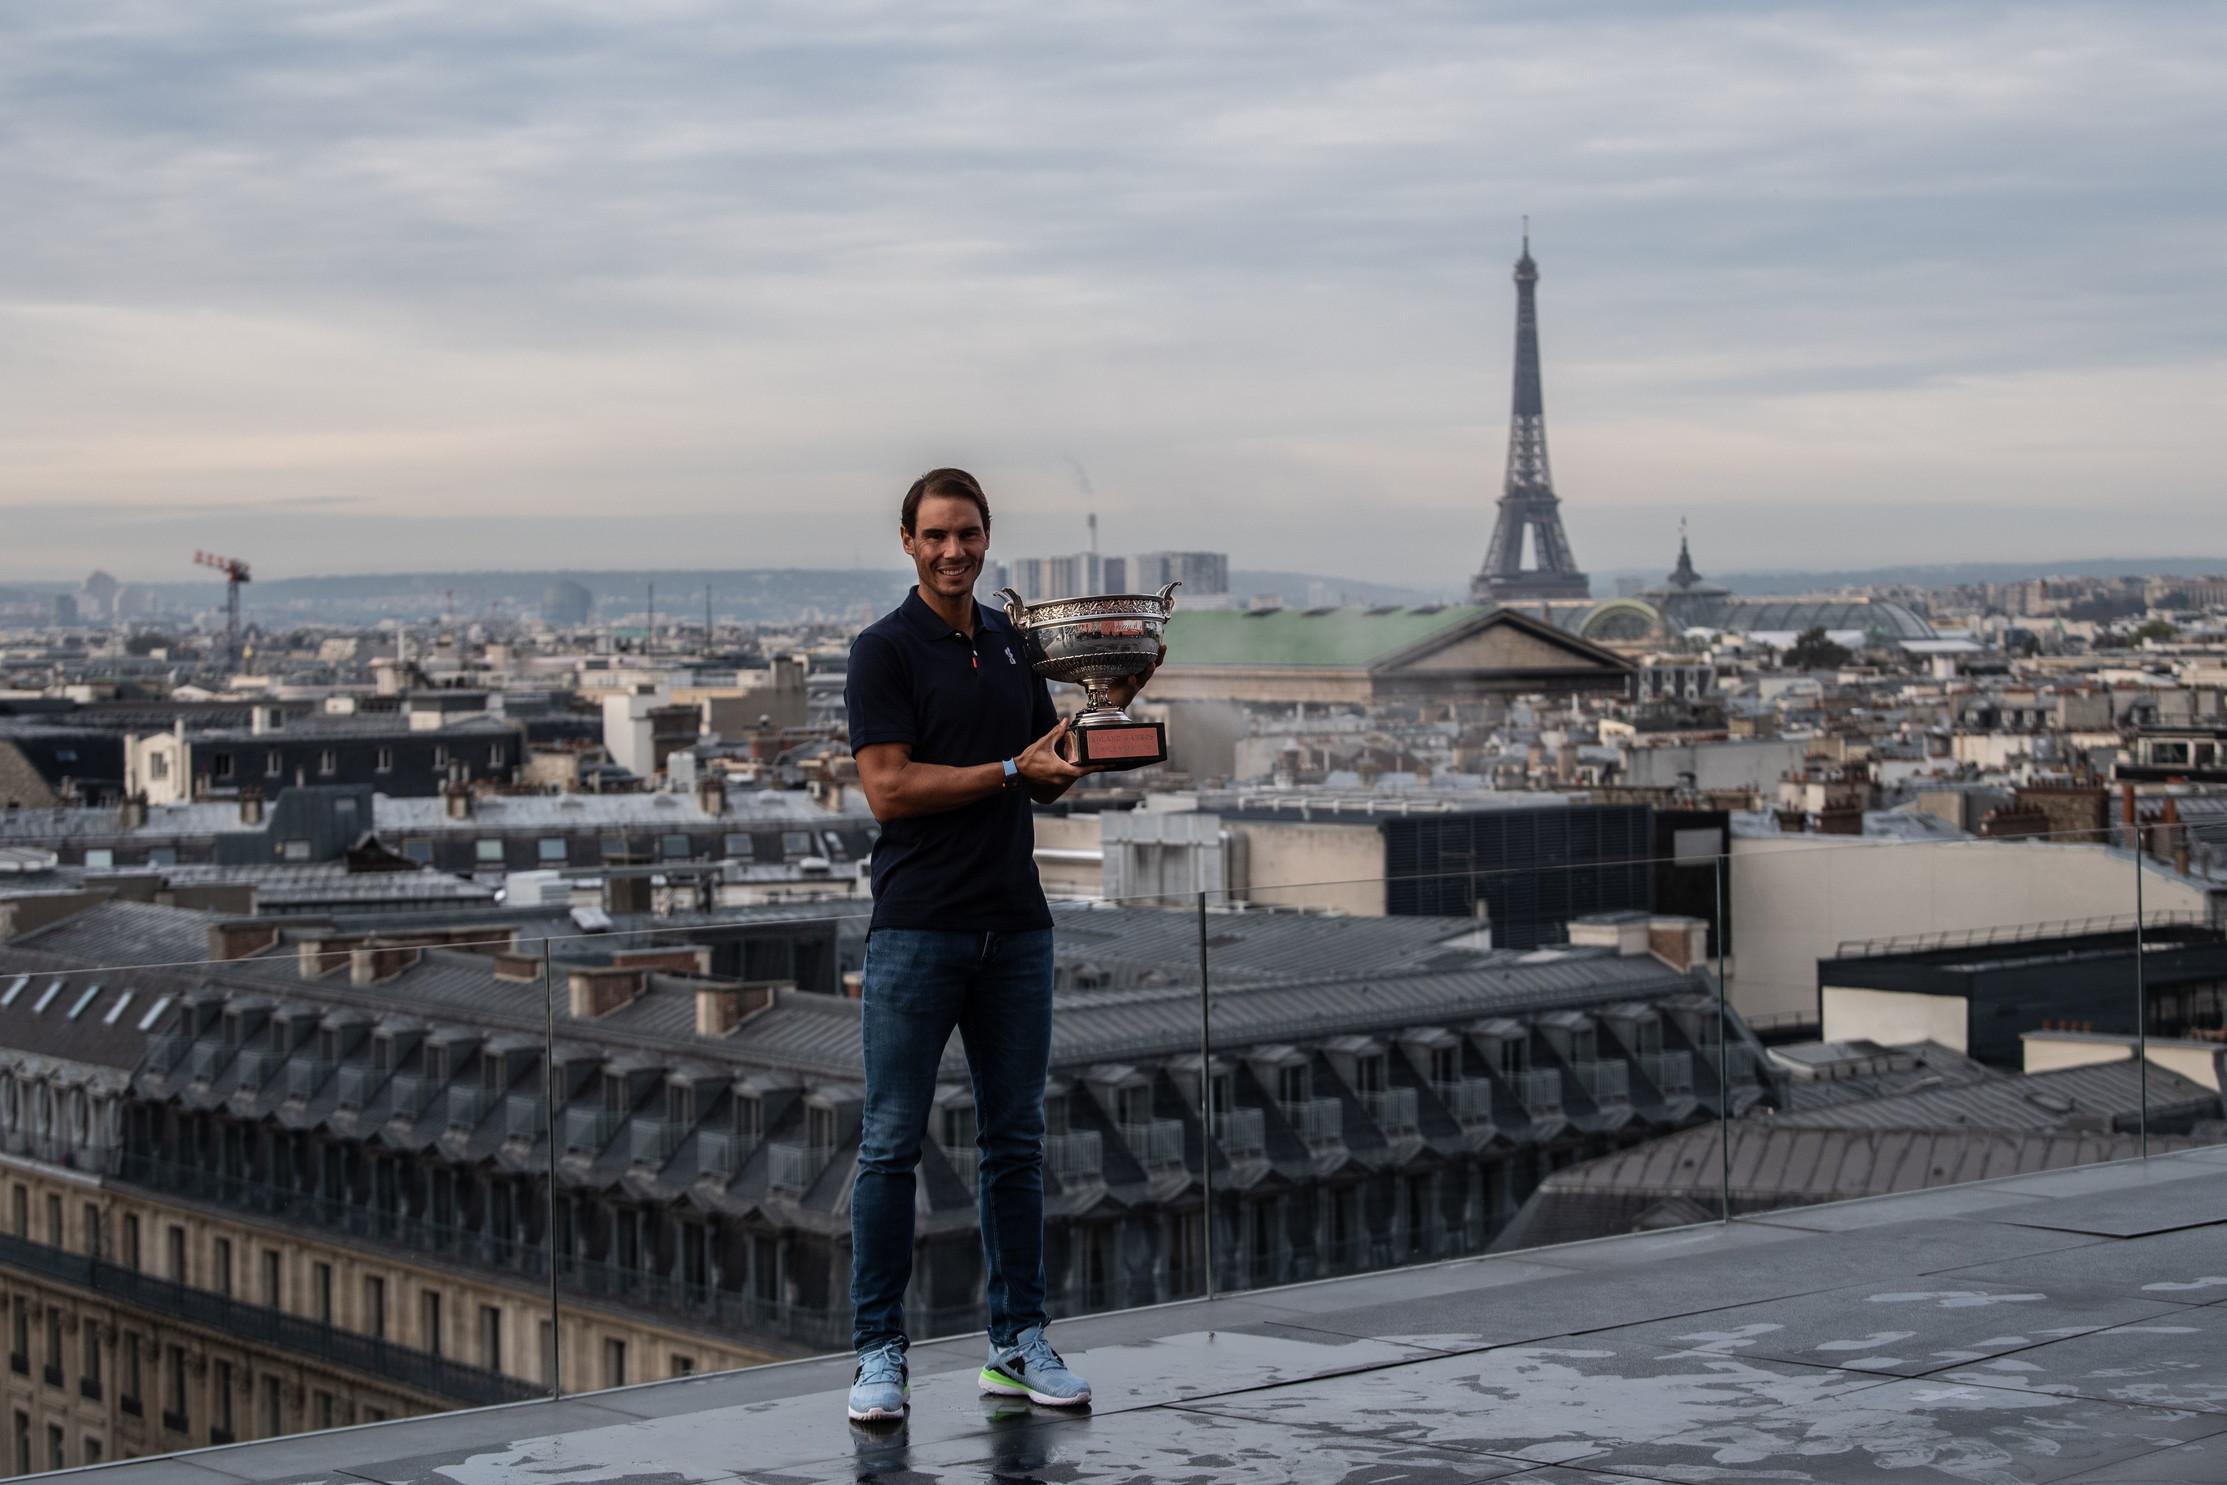 Il giorno dopo il successo al Roland Garros, lo spagnolo ha festeggiato in una Parigi uggiosa&nbsp;la vittoria del suo 20&deg; Slam<br /><br />